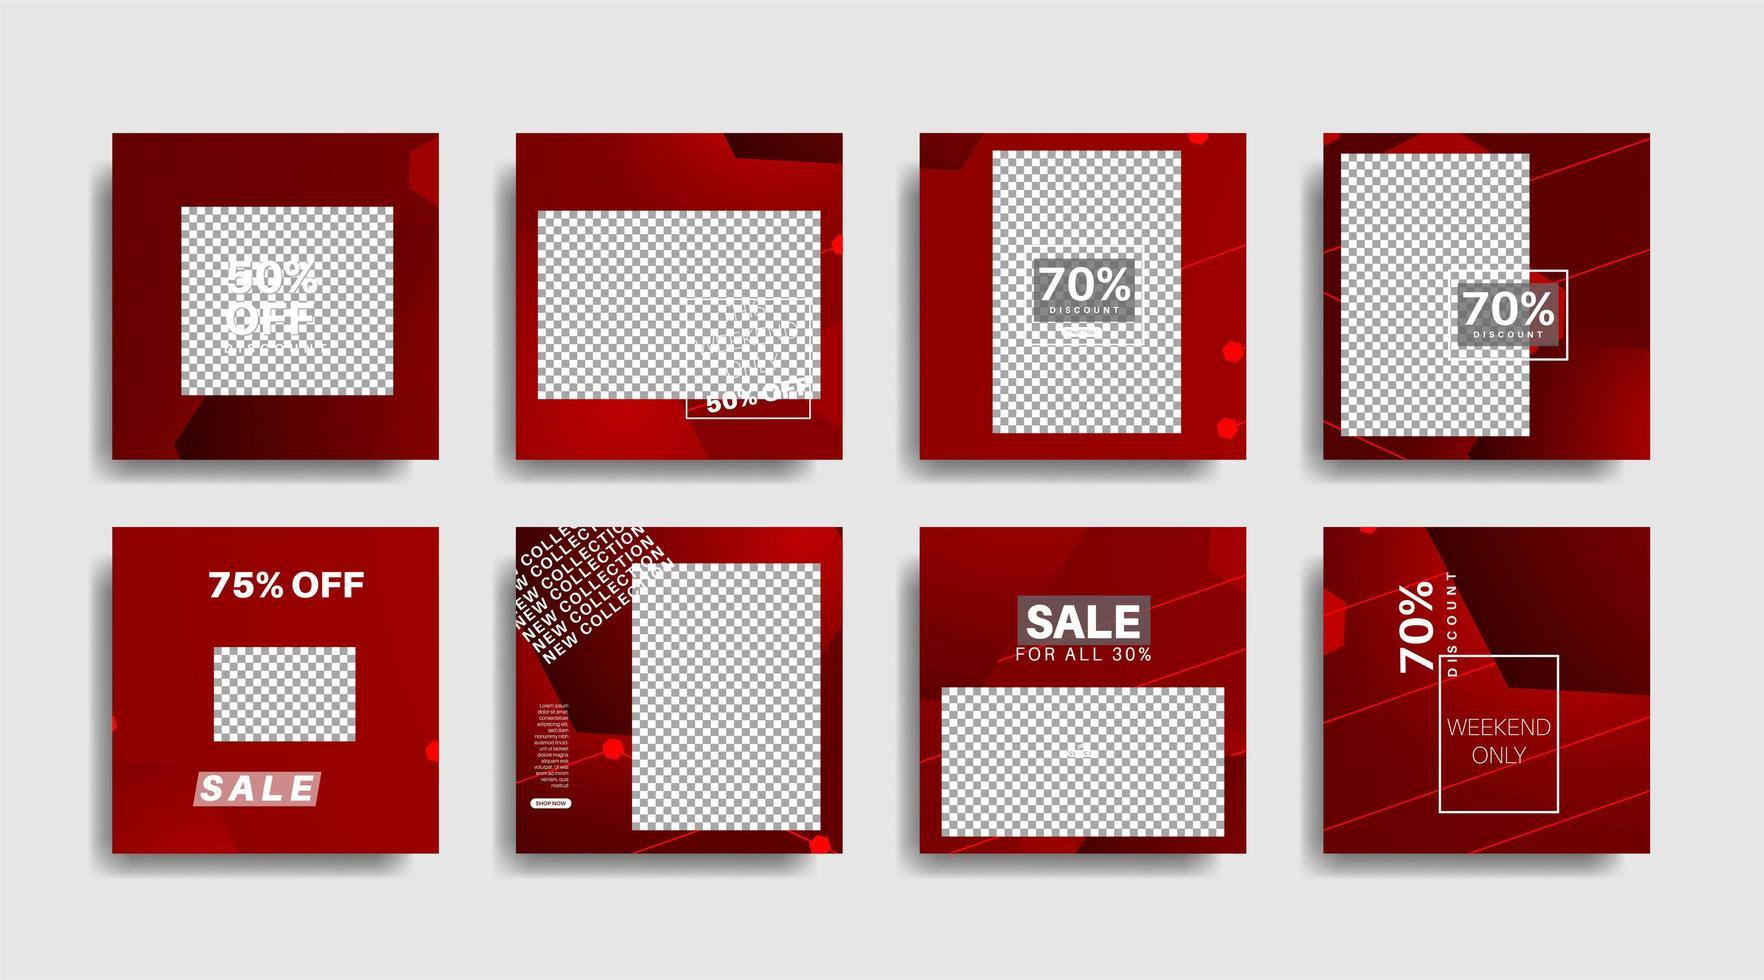 banner web cuadrado de promoción moderna para redes sociales. ilustración de diseño vectorial vector